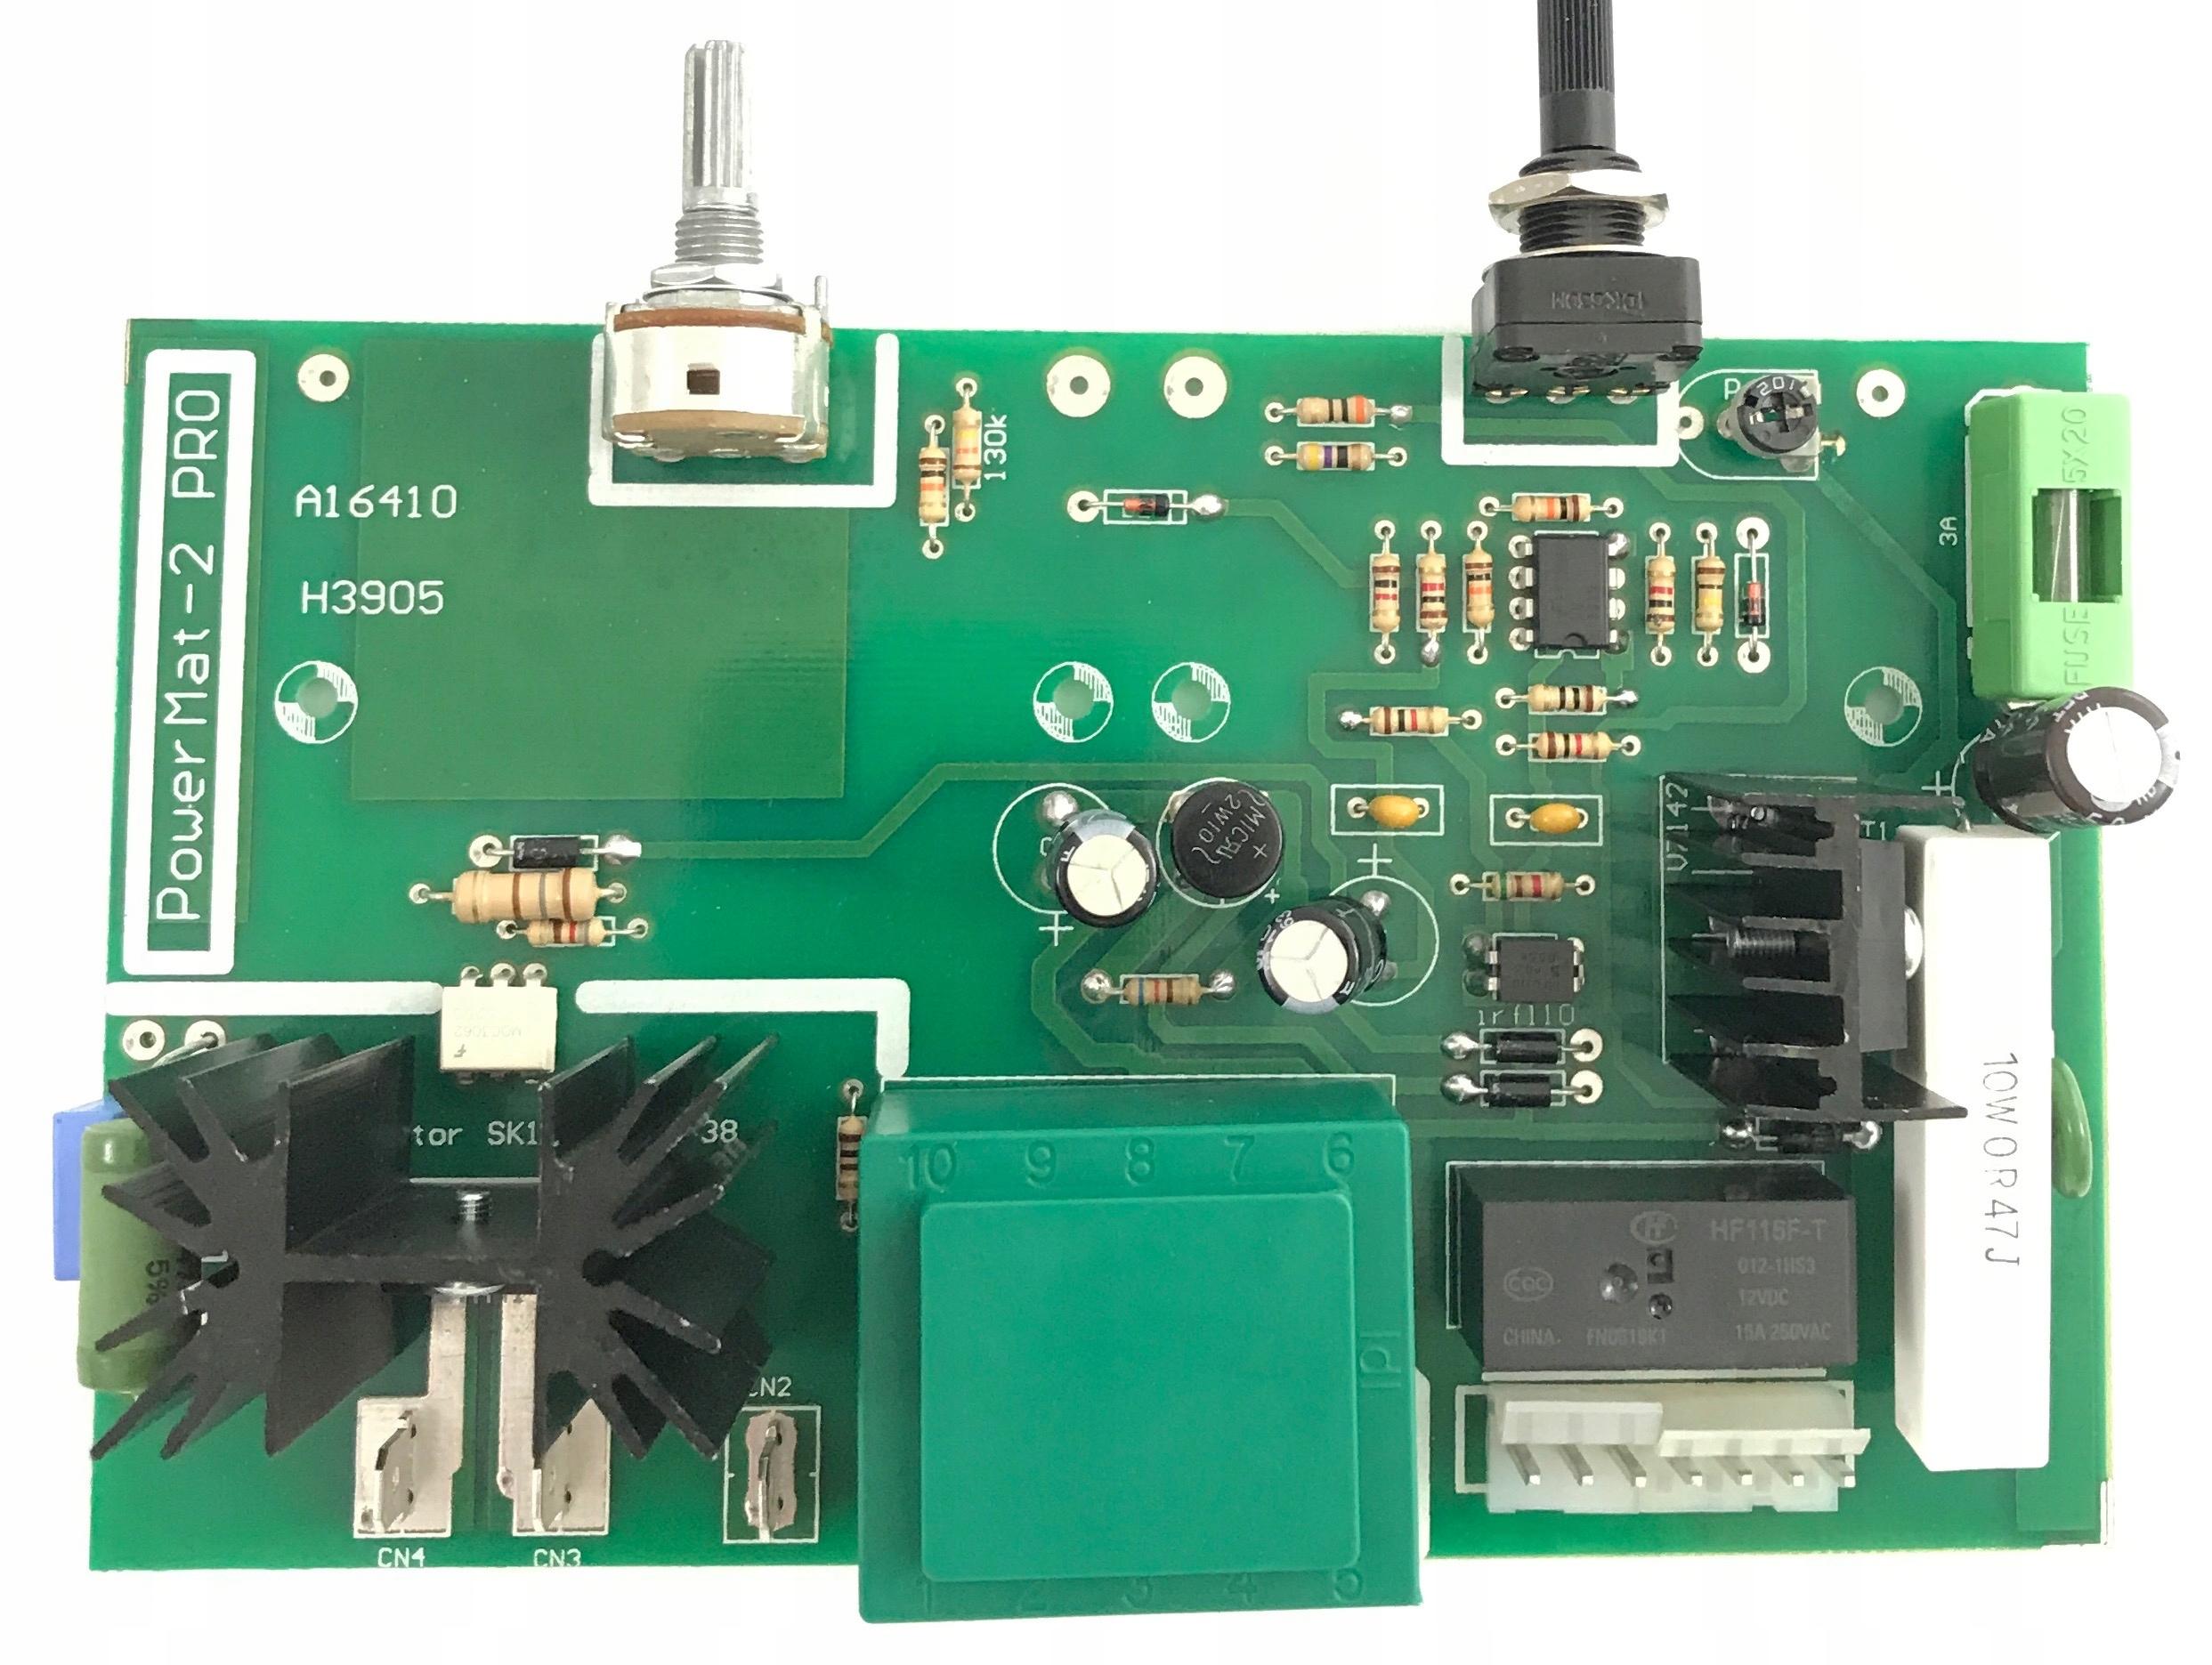 Doska PowerMat 2 PRO A16410 H3905 JQX-29F-A